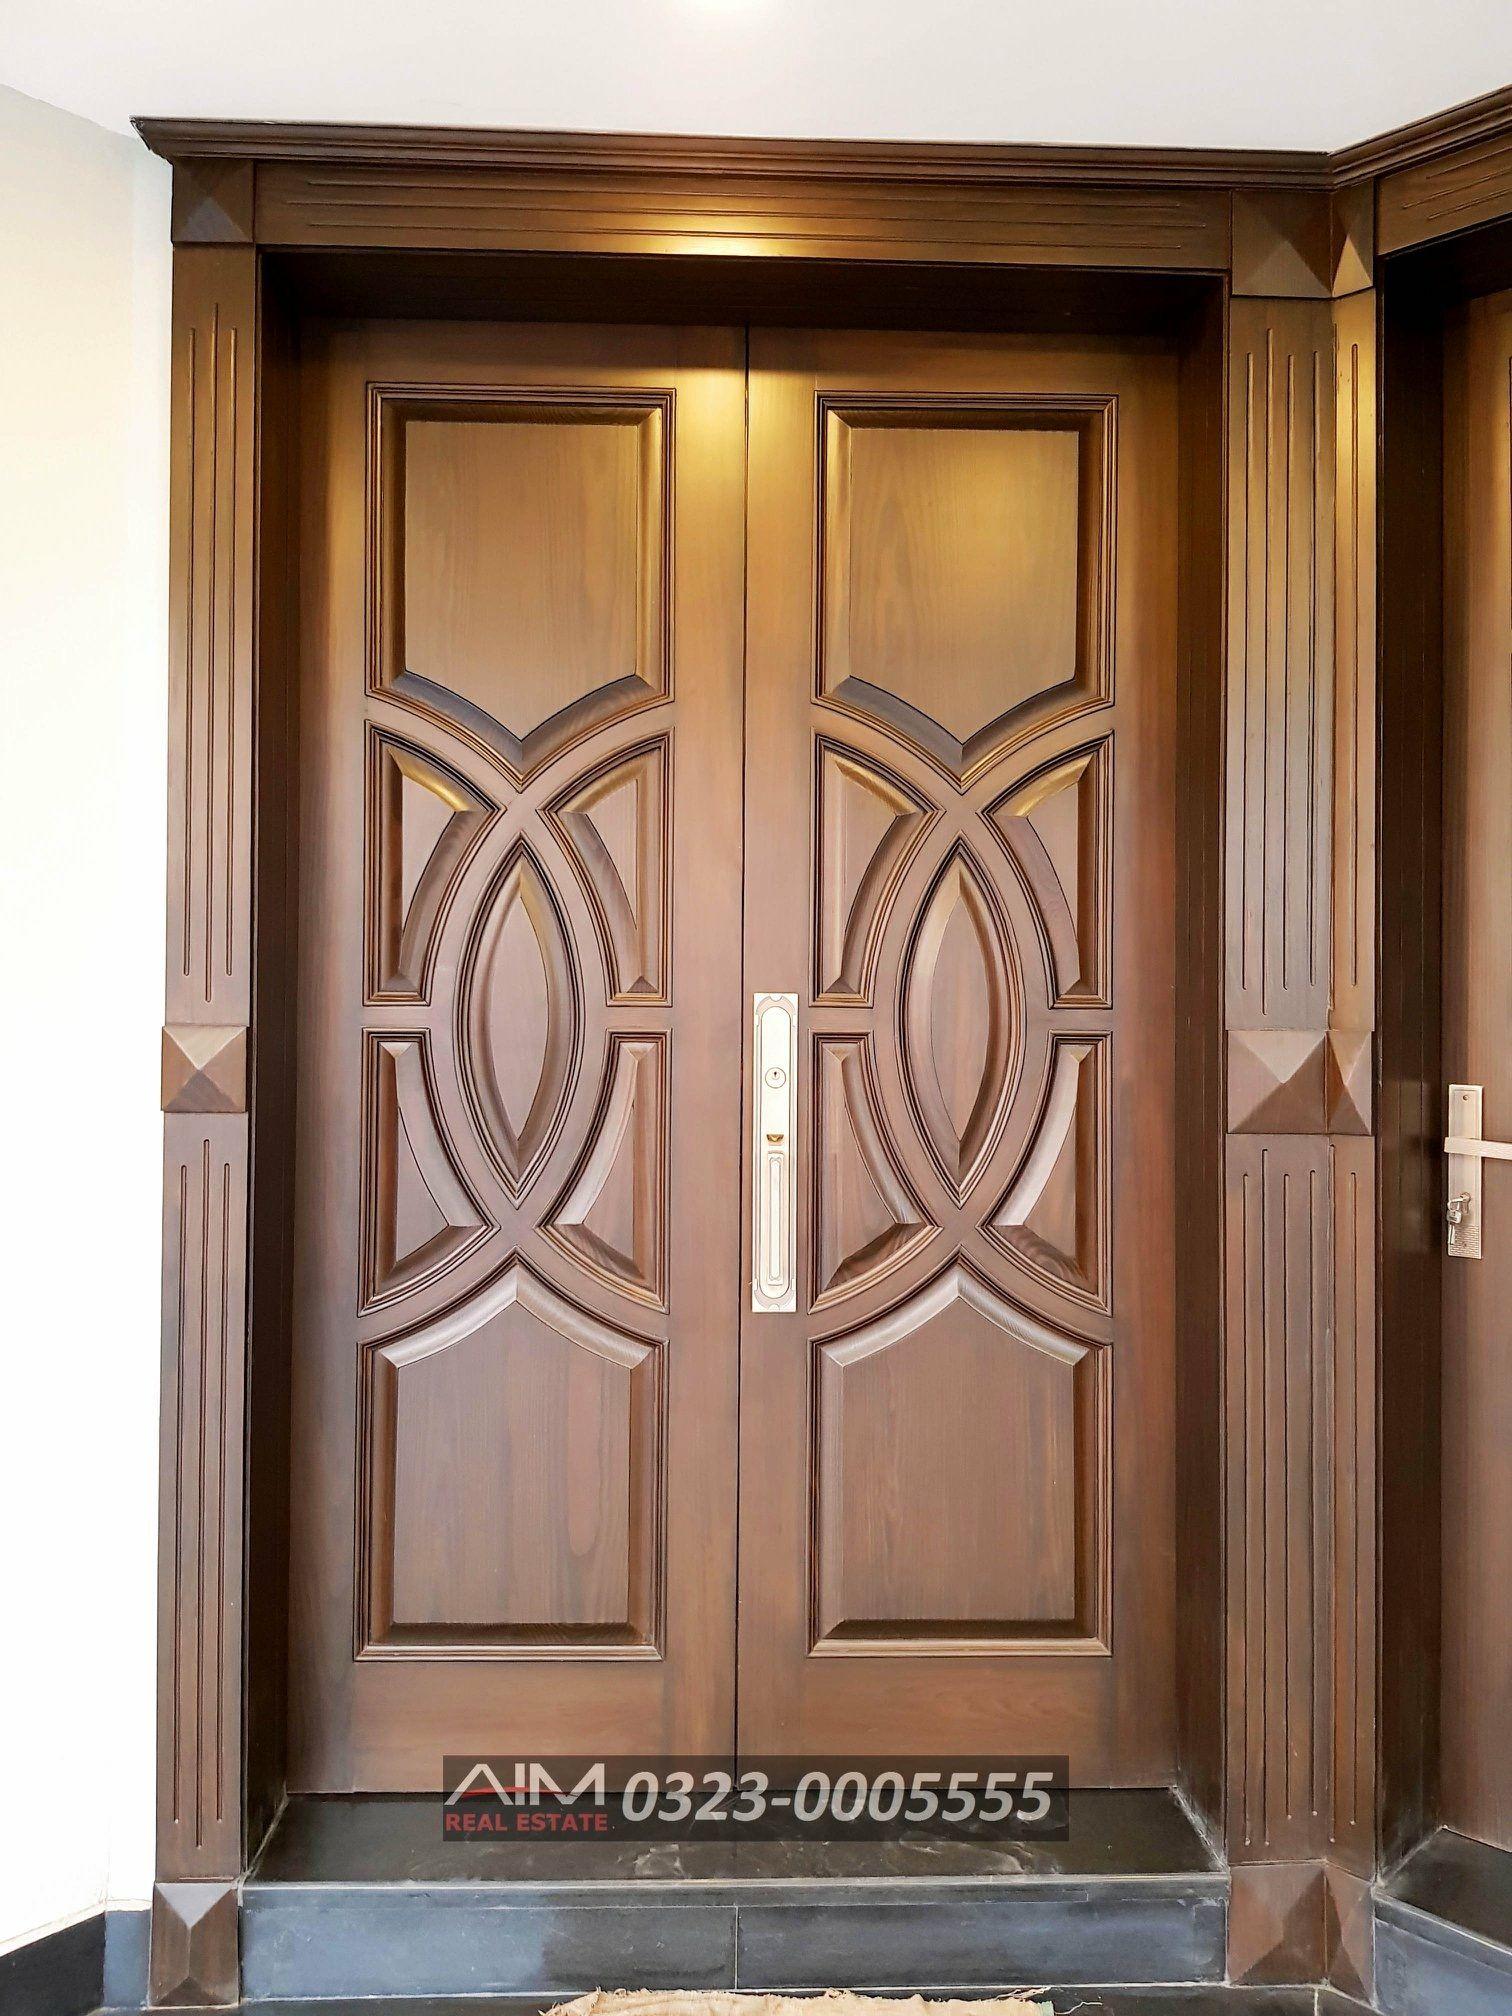 Pin By Arga Arga On Bes Door Design Wood Wooden Door Design Front Door Design Wood